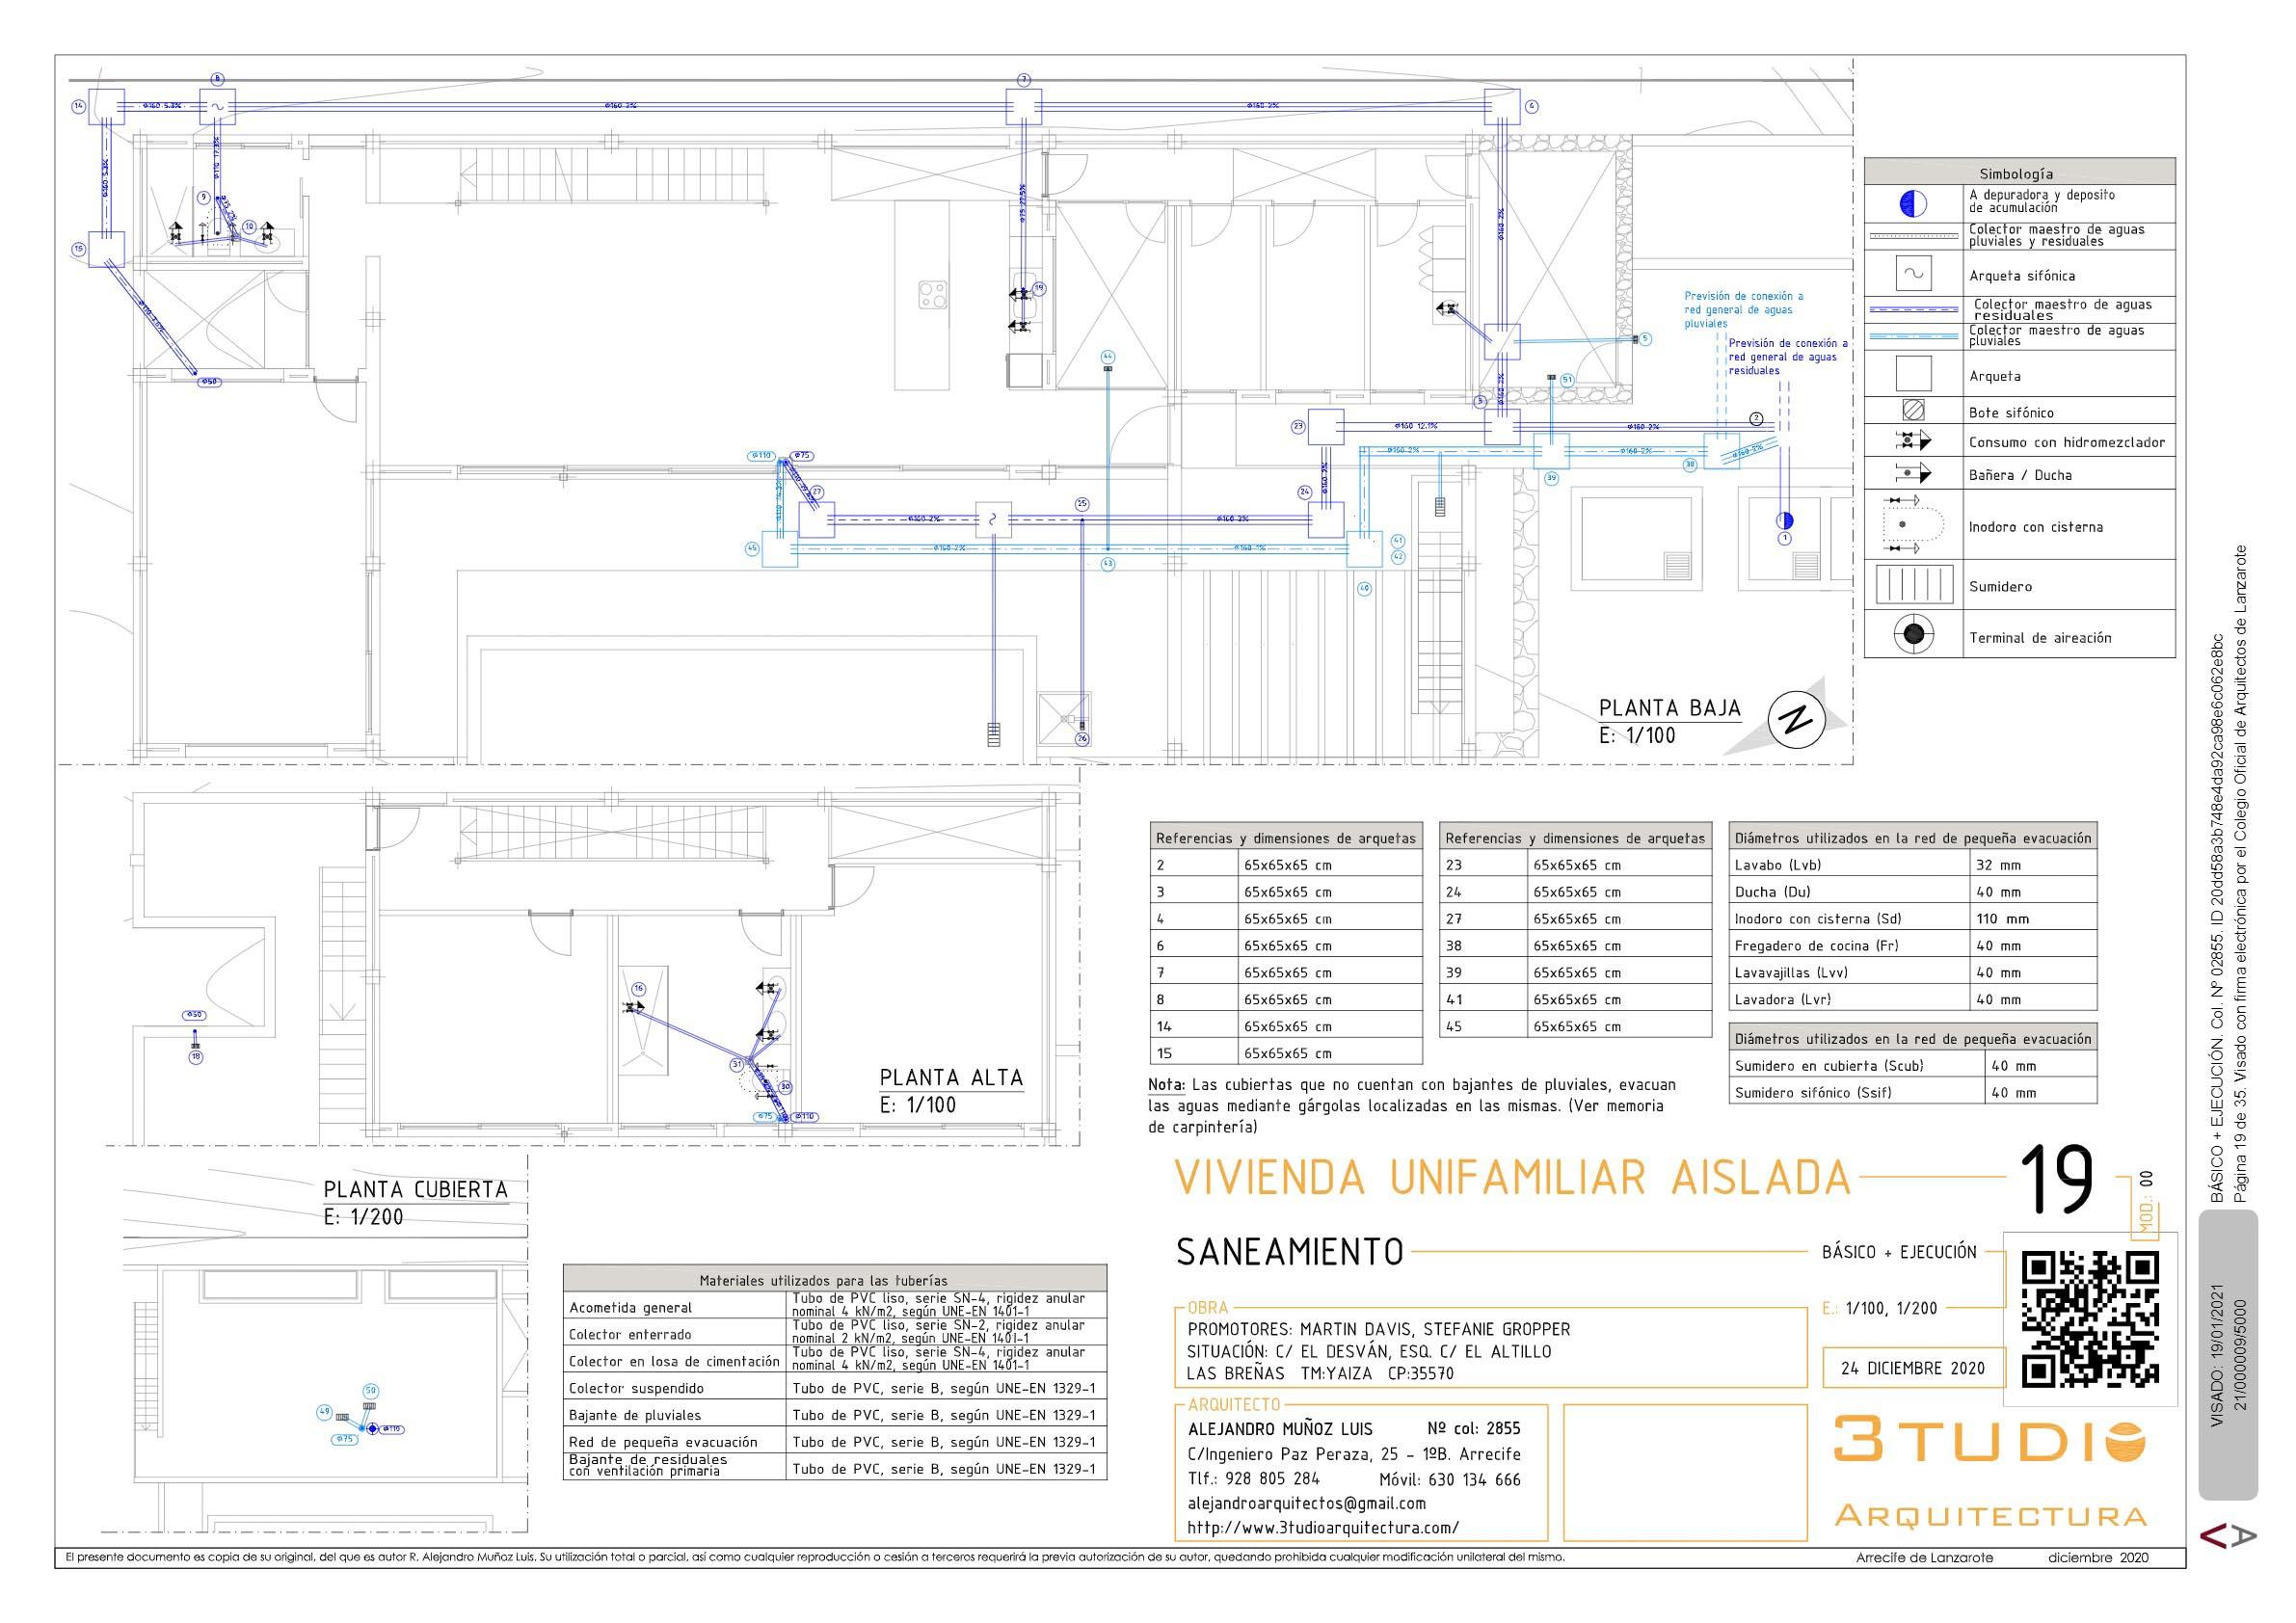 Plans AM 2101 19